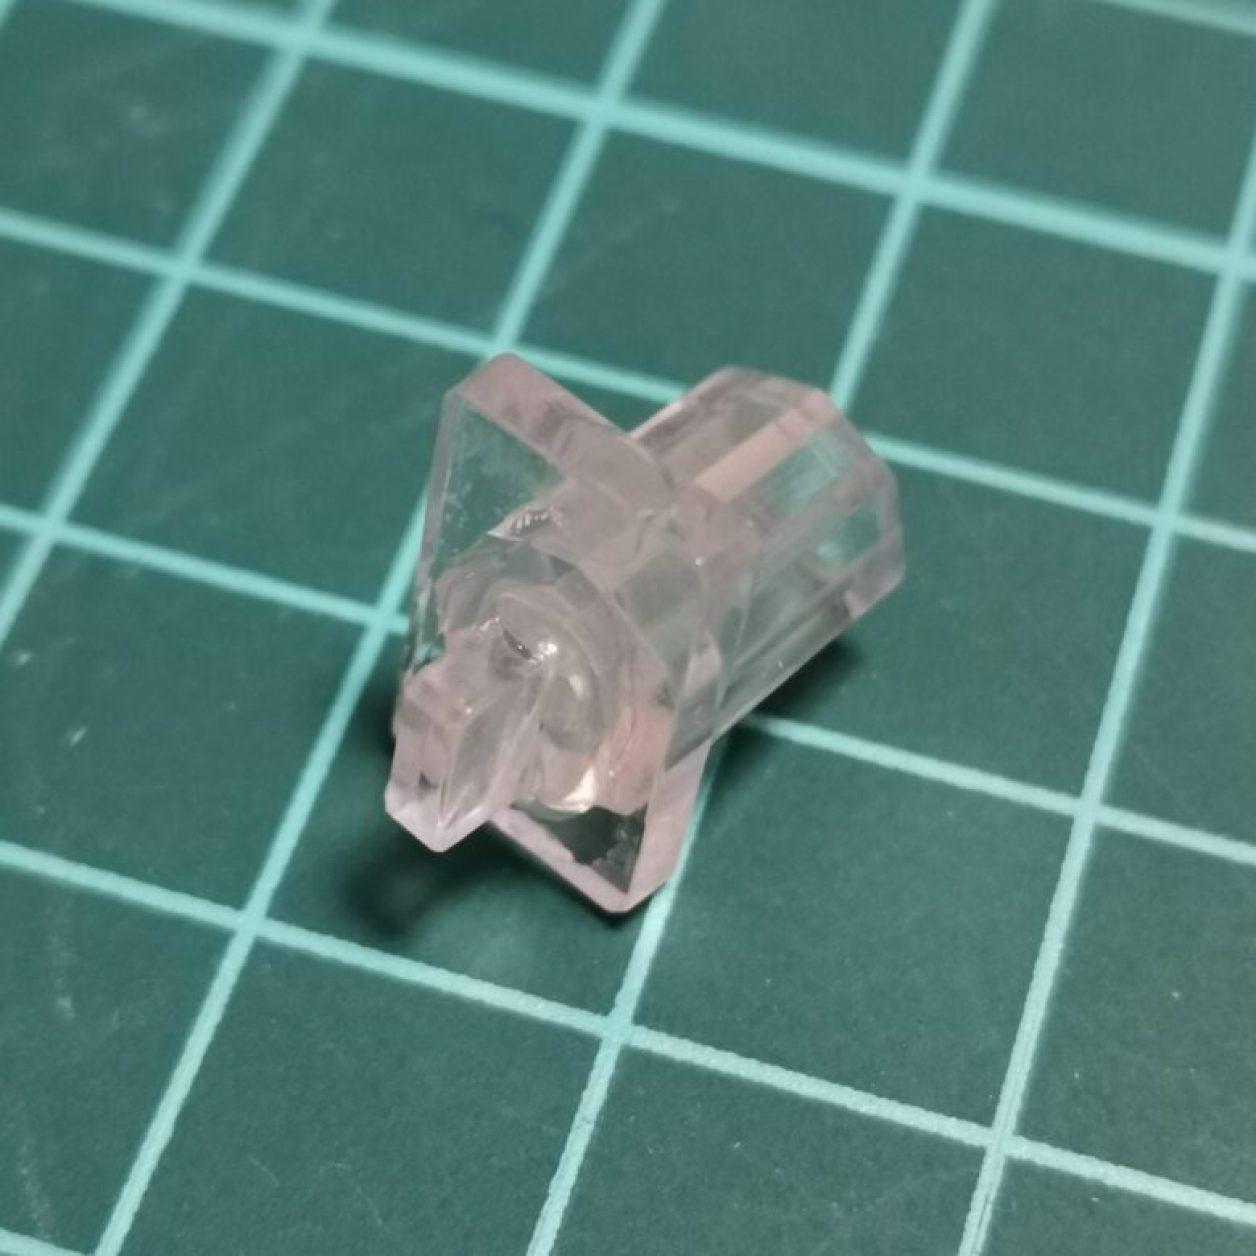 METALBUILD(メタルビルド)エールストライクガンダム付属のジョイントパーツの破損を瞬間接着剤で修復している画像